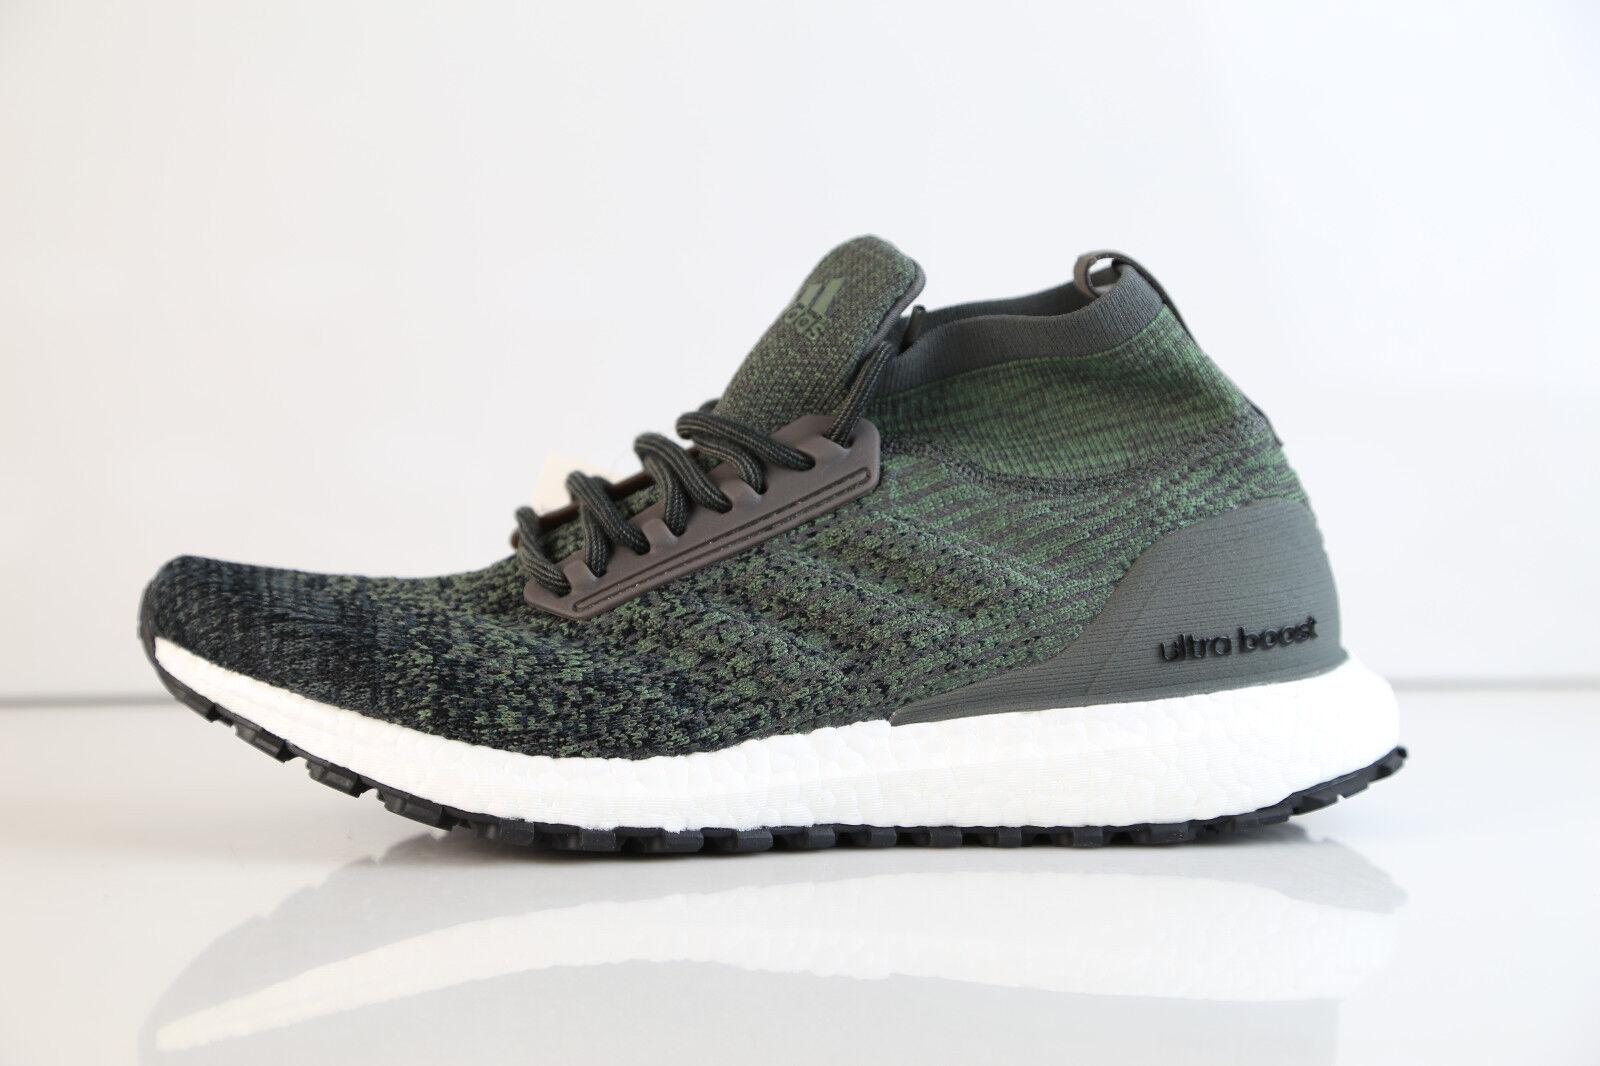 Adidas ultraboost% pk verde gli nero bb6130 gli verde 8 e i 13 ultra impulso 0321d9